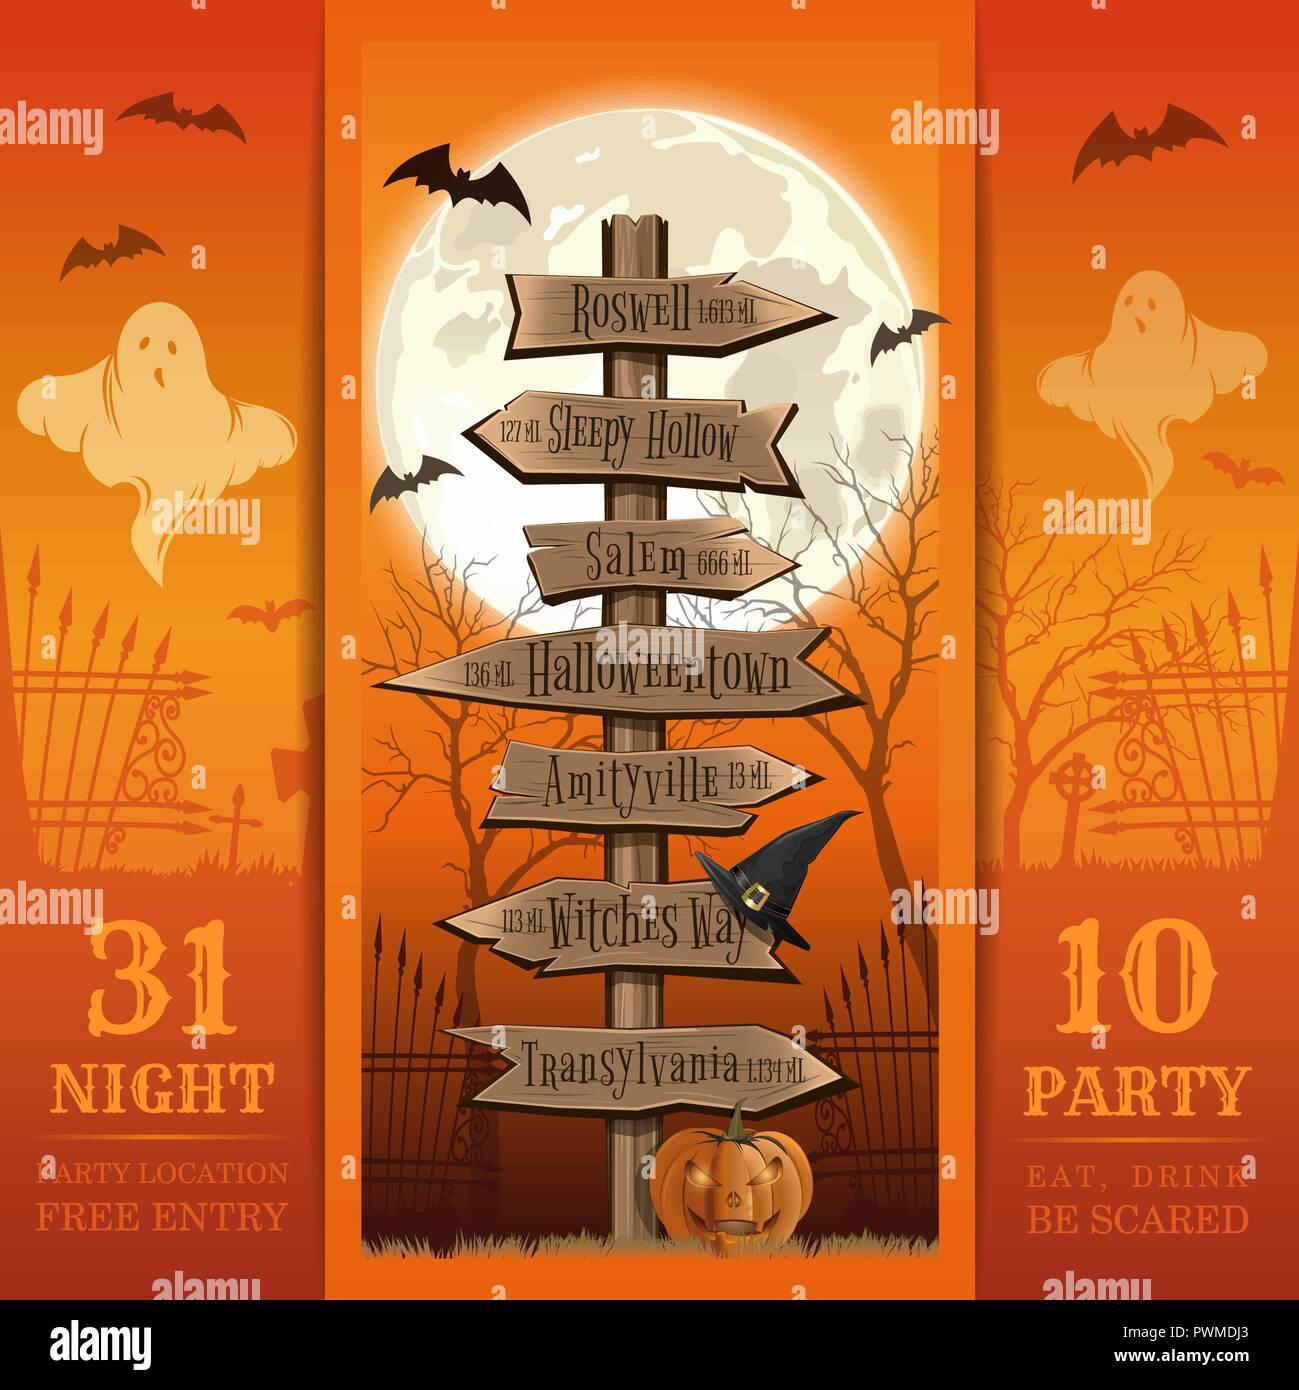 Einladungskarte für eine Halloween Party. Essen, Trinken, Angst. Halloween Design. Halloween vintage Road Sign. Vector Illustration Stockbild